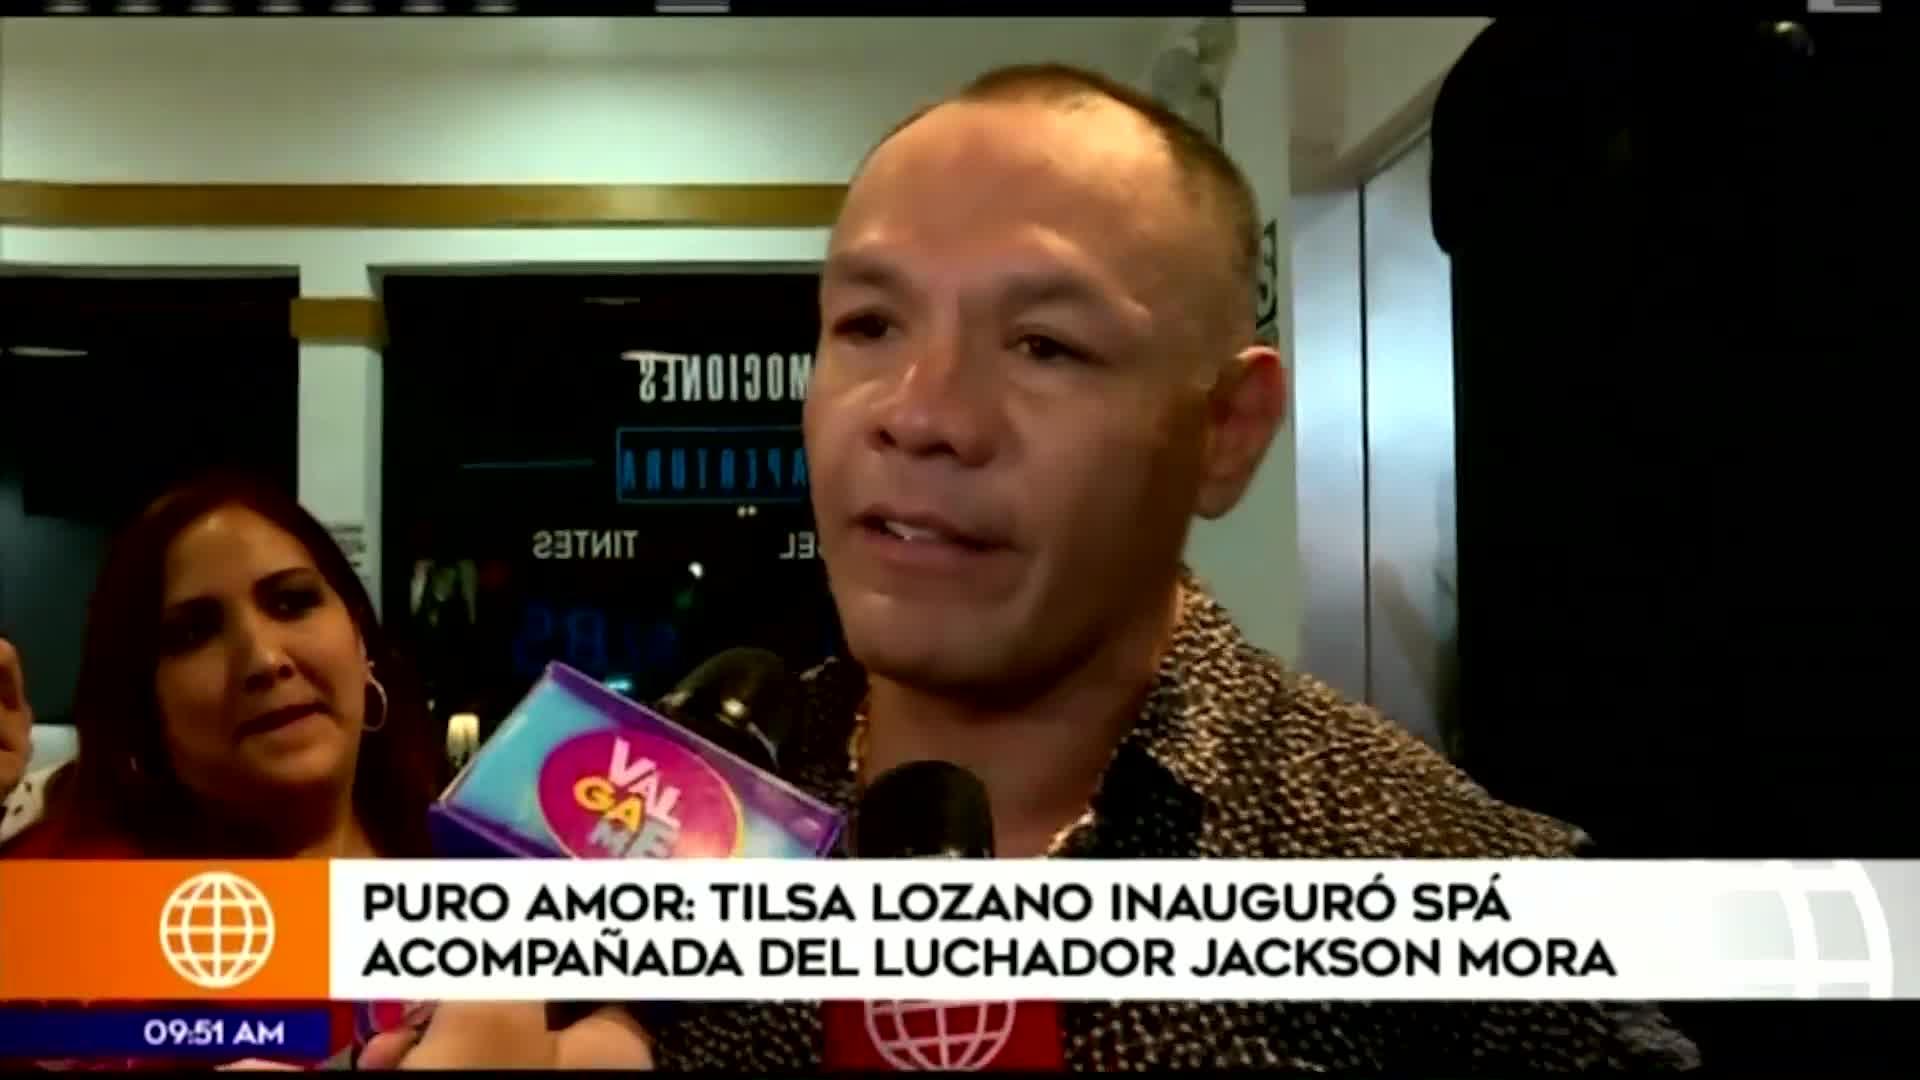 Tilsa Lozano: Jackson Mora revela detalles de su romance con la empresaria